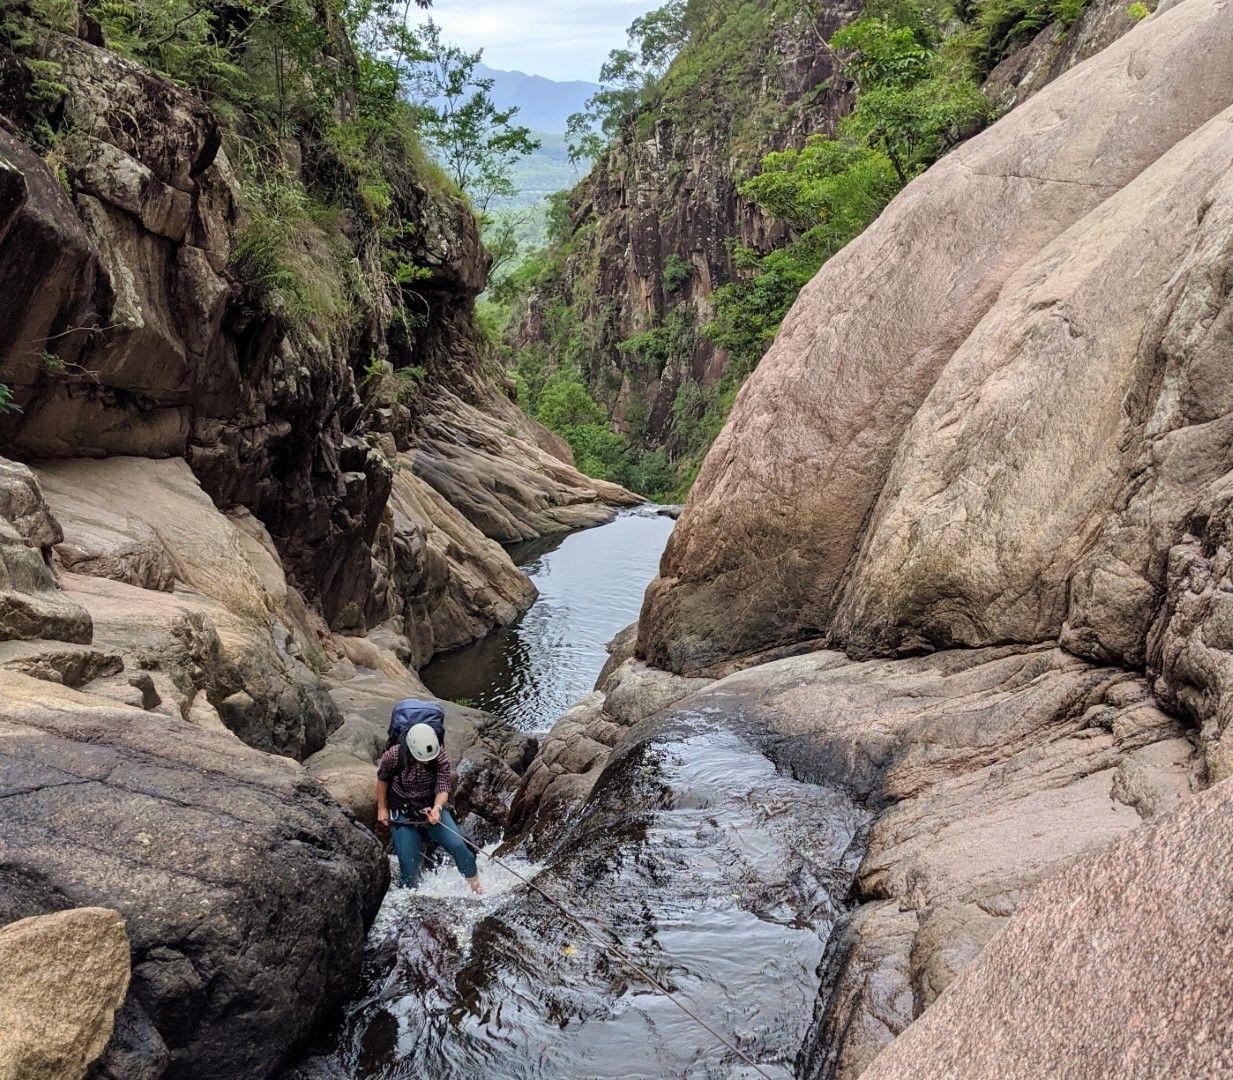 Disaster Canyon, Disaster Creek